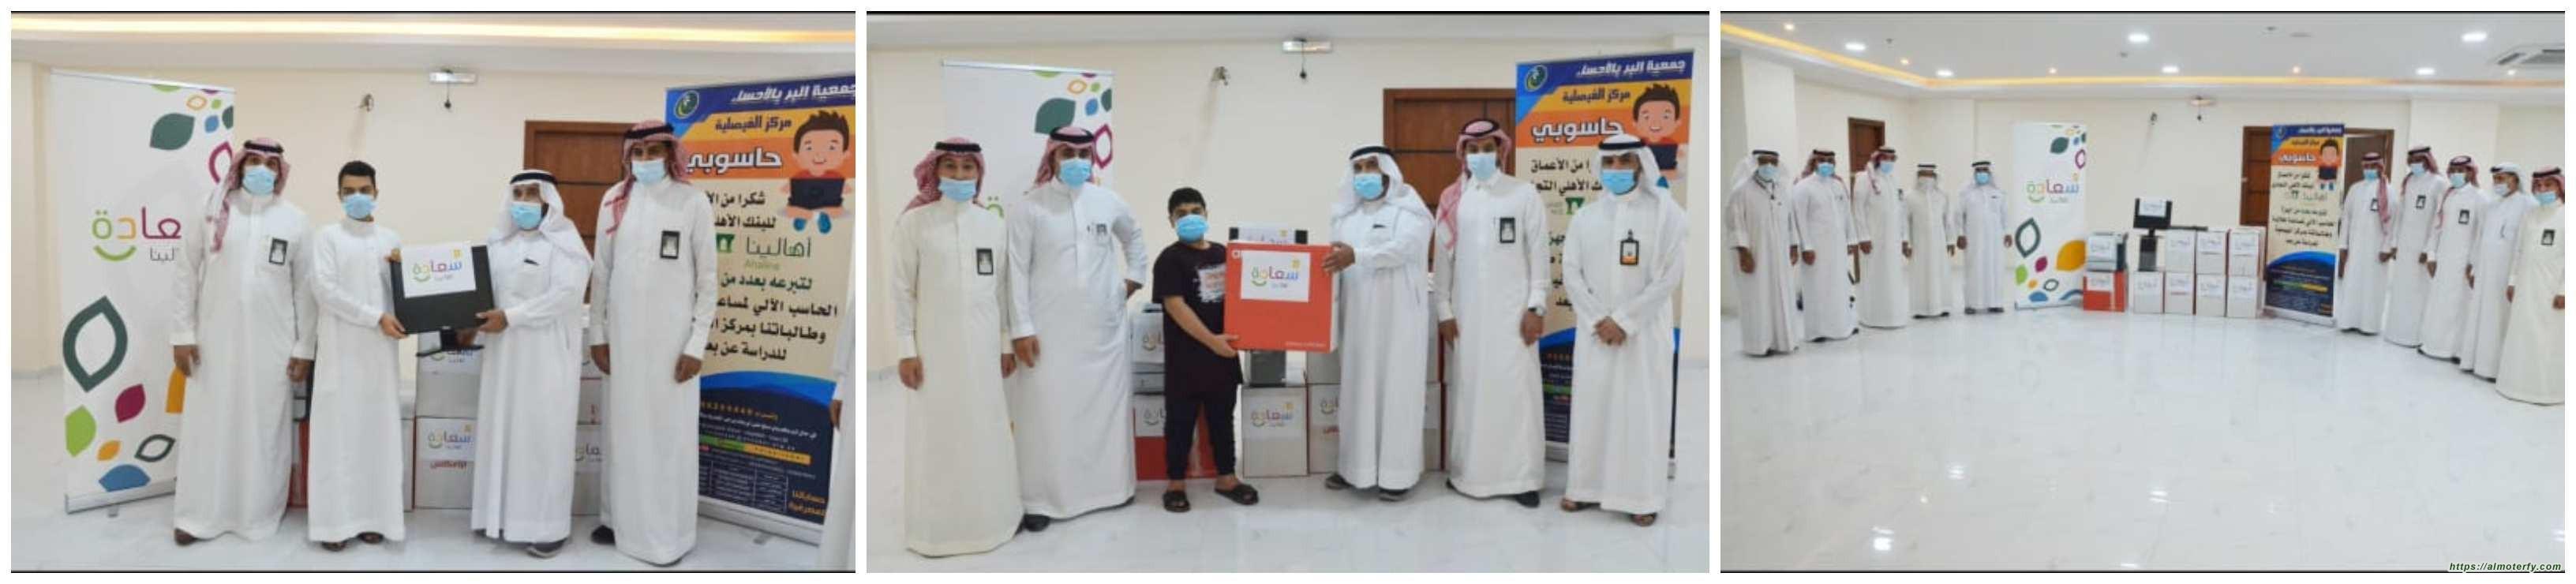 البنك الأهلي يدعم برنامج حاسوبي ببر الفيصلية